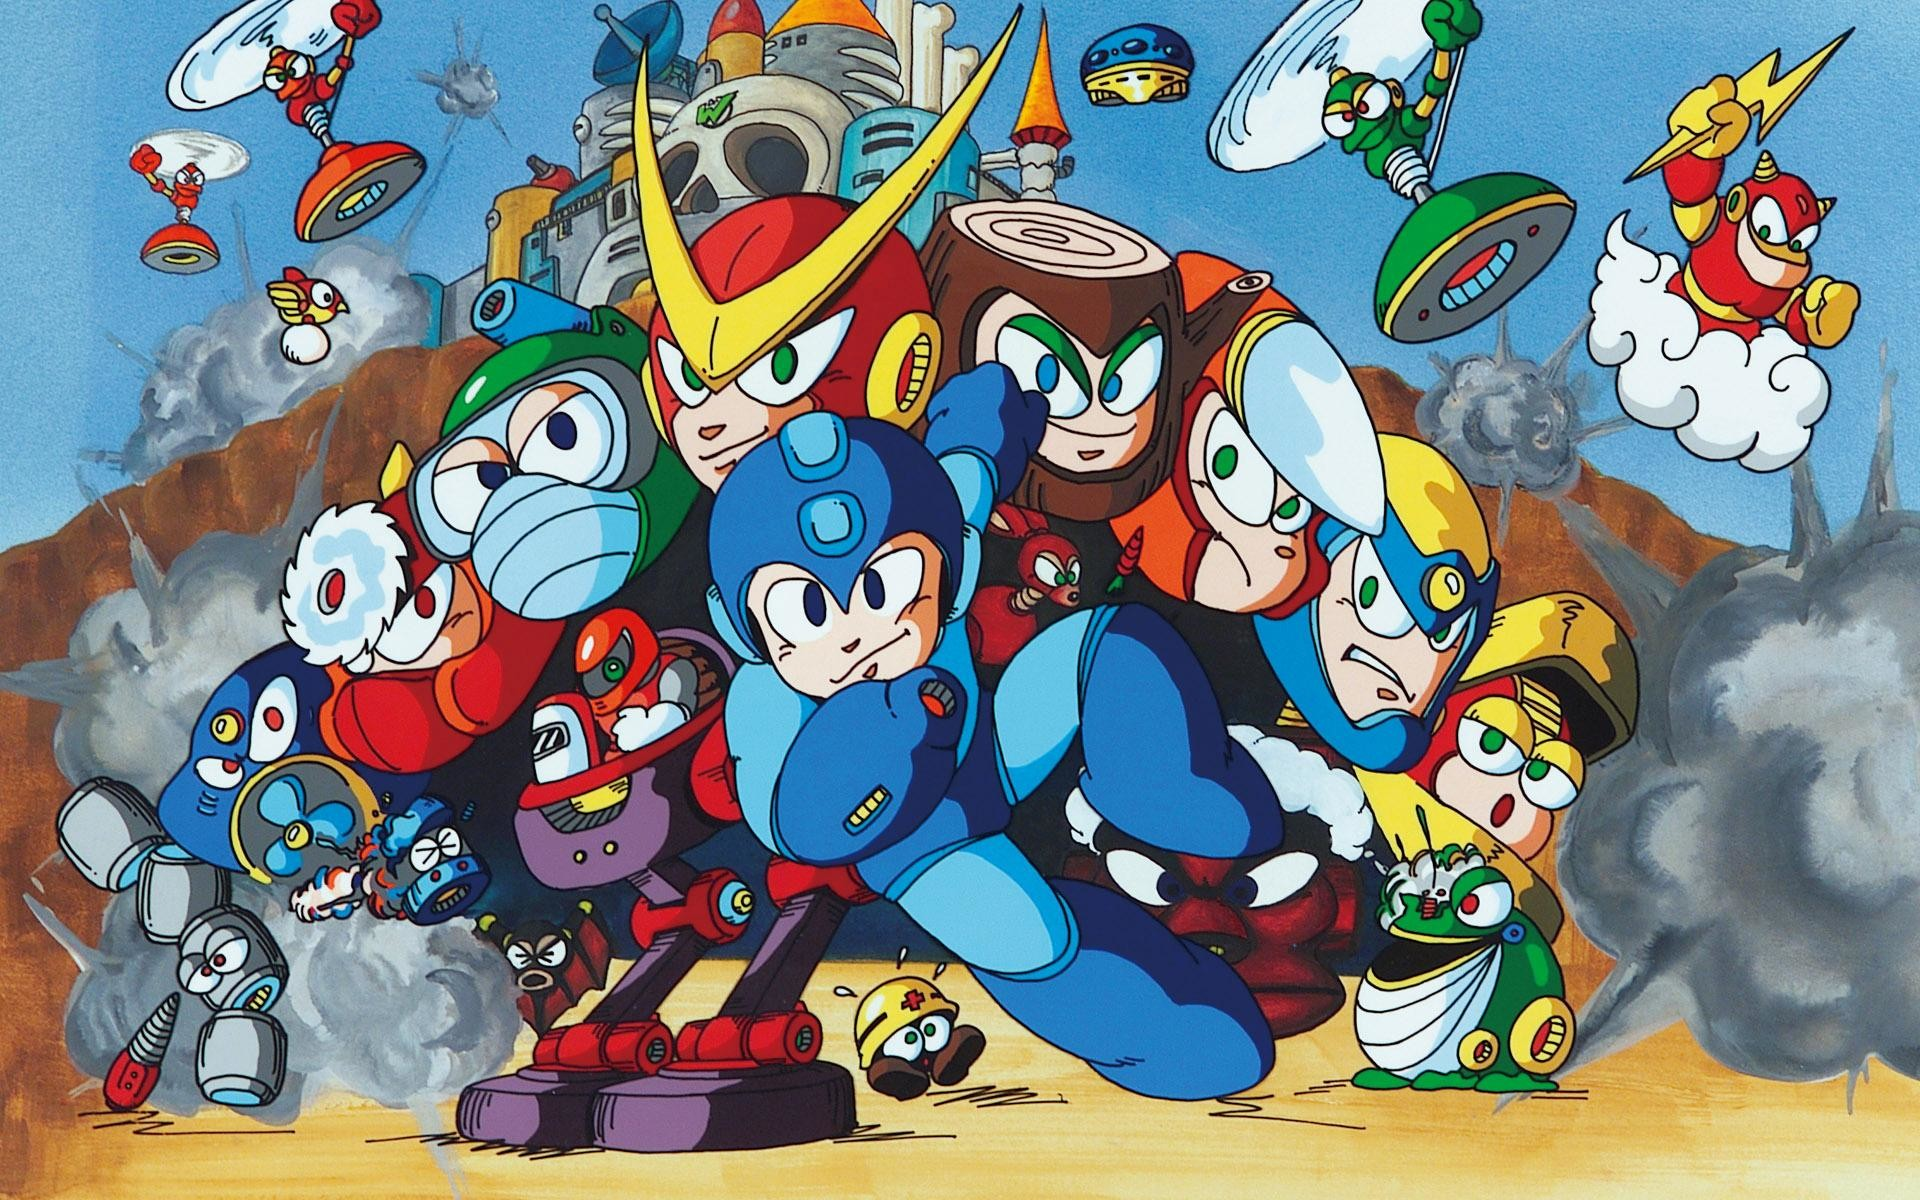 Megaman-Wallpaper-Images-Background-Desktop